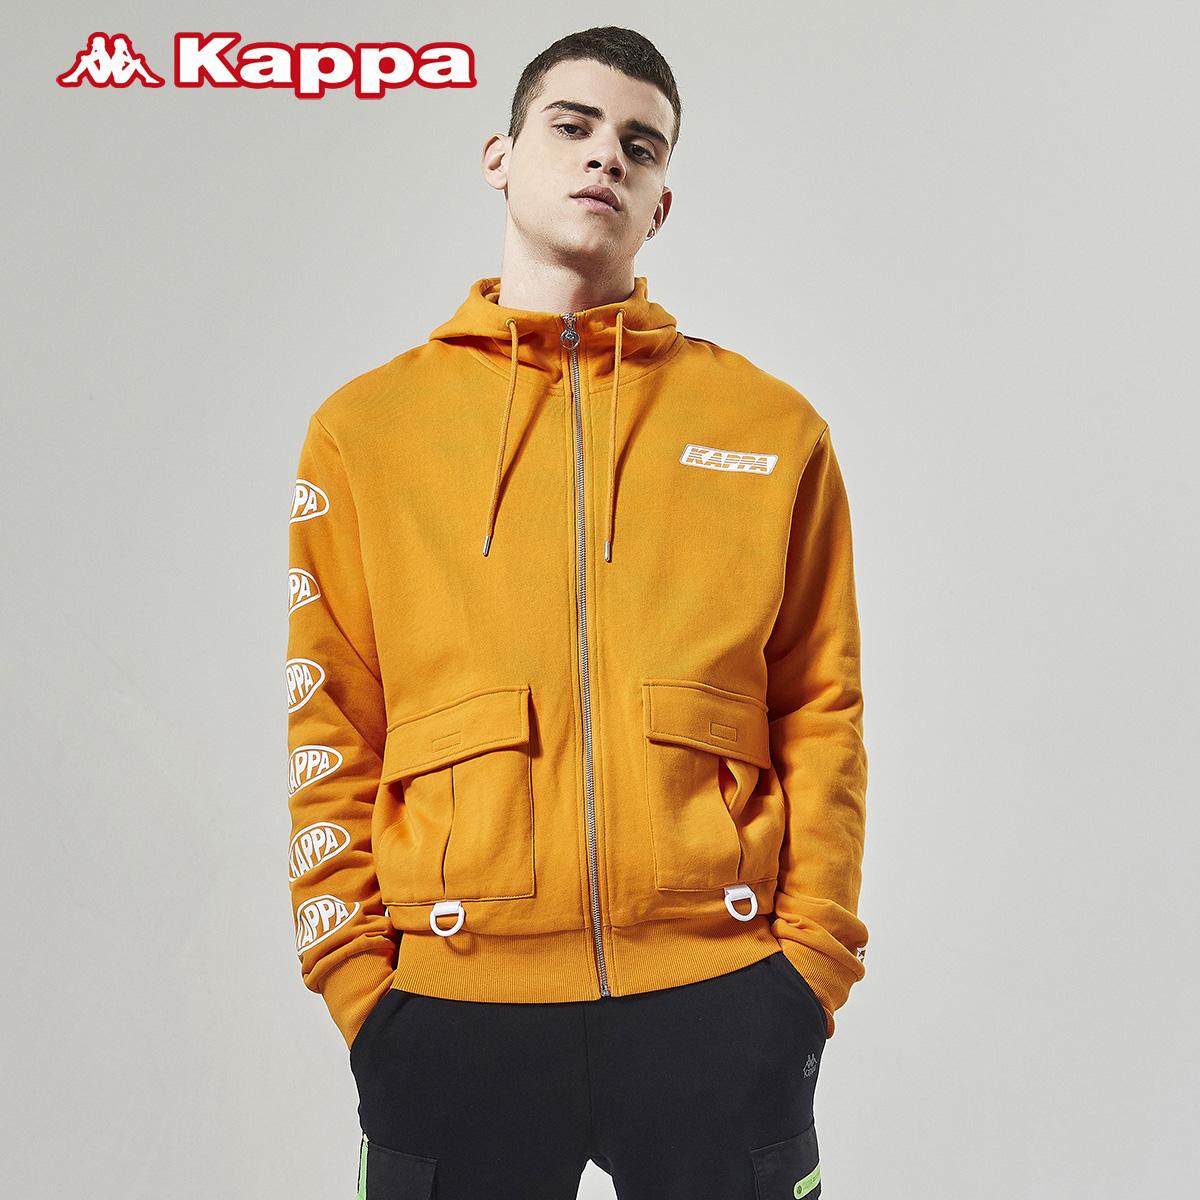 Kappa卡帕男款运动卫衣休闲工装大口袋外套长袖开衫帽衫2020新款